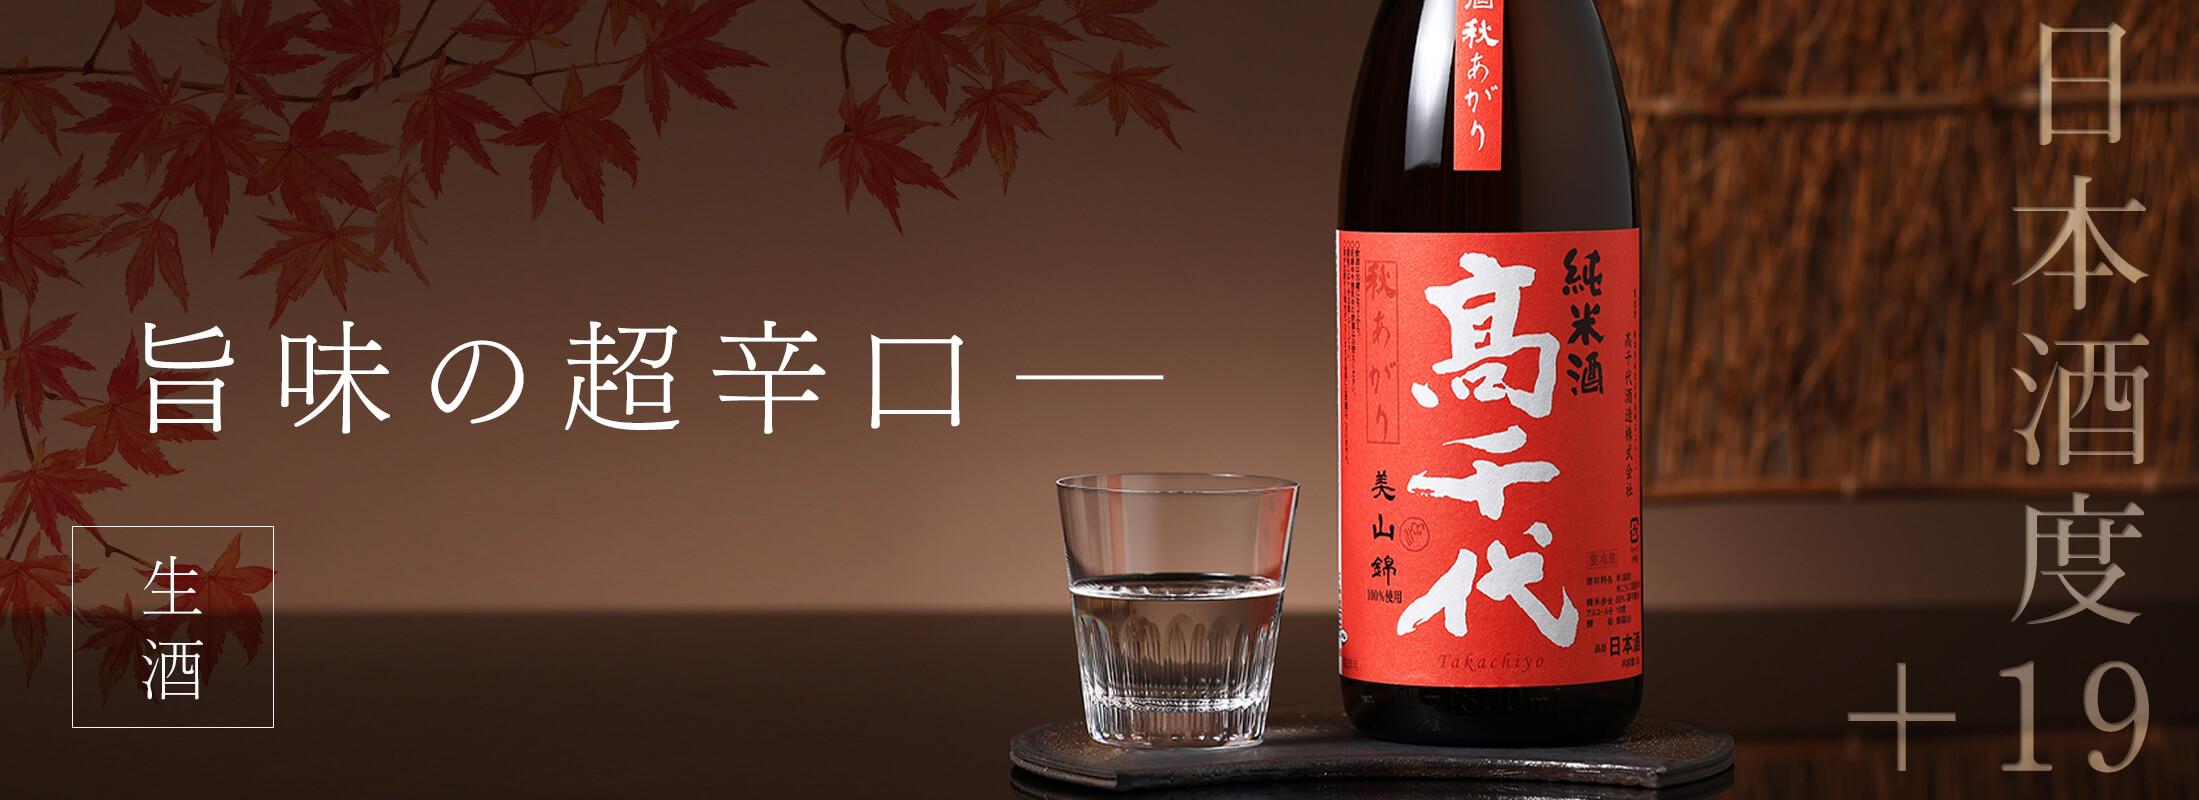 高千代 辛口純米+19 秋上がり 生原酒